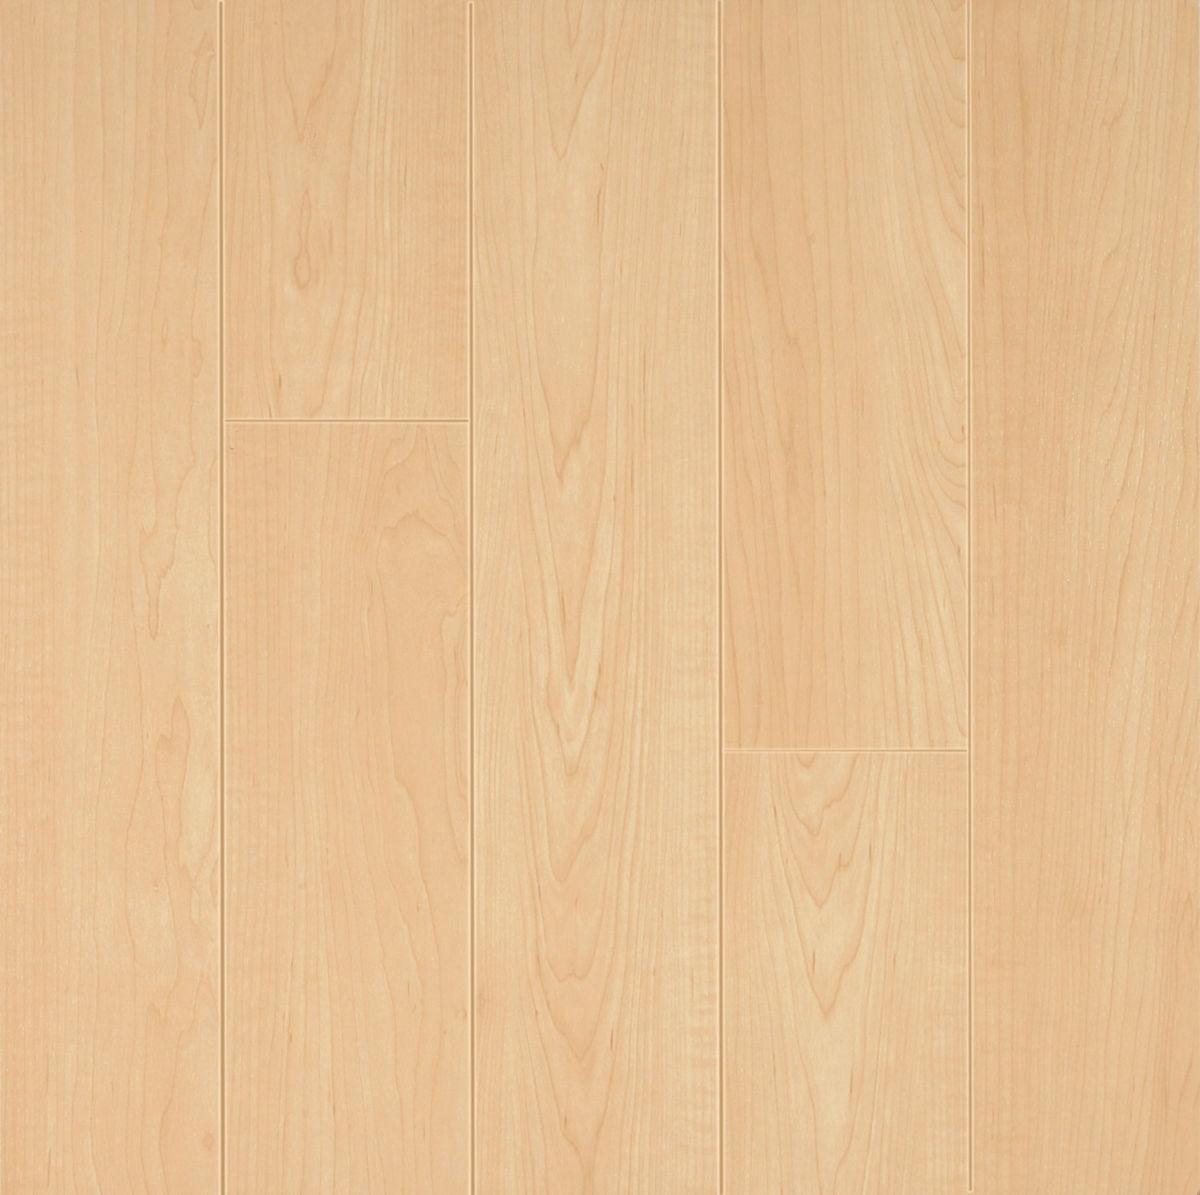 Premium Maple